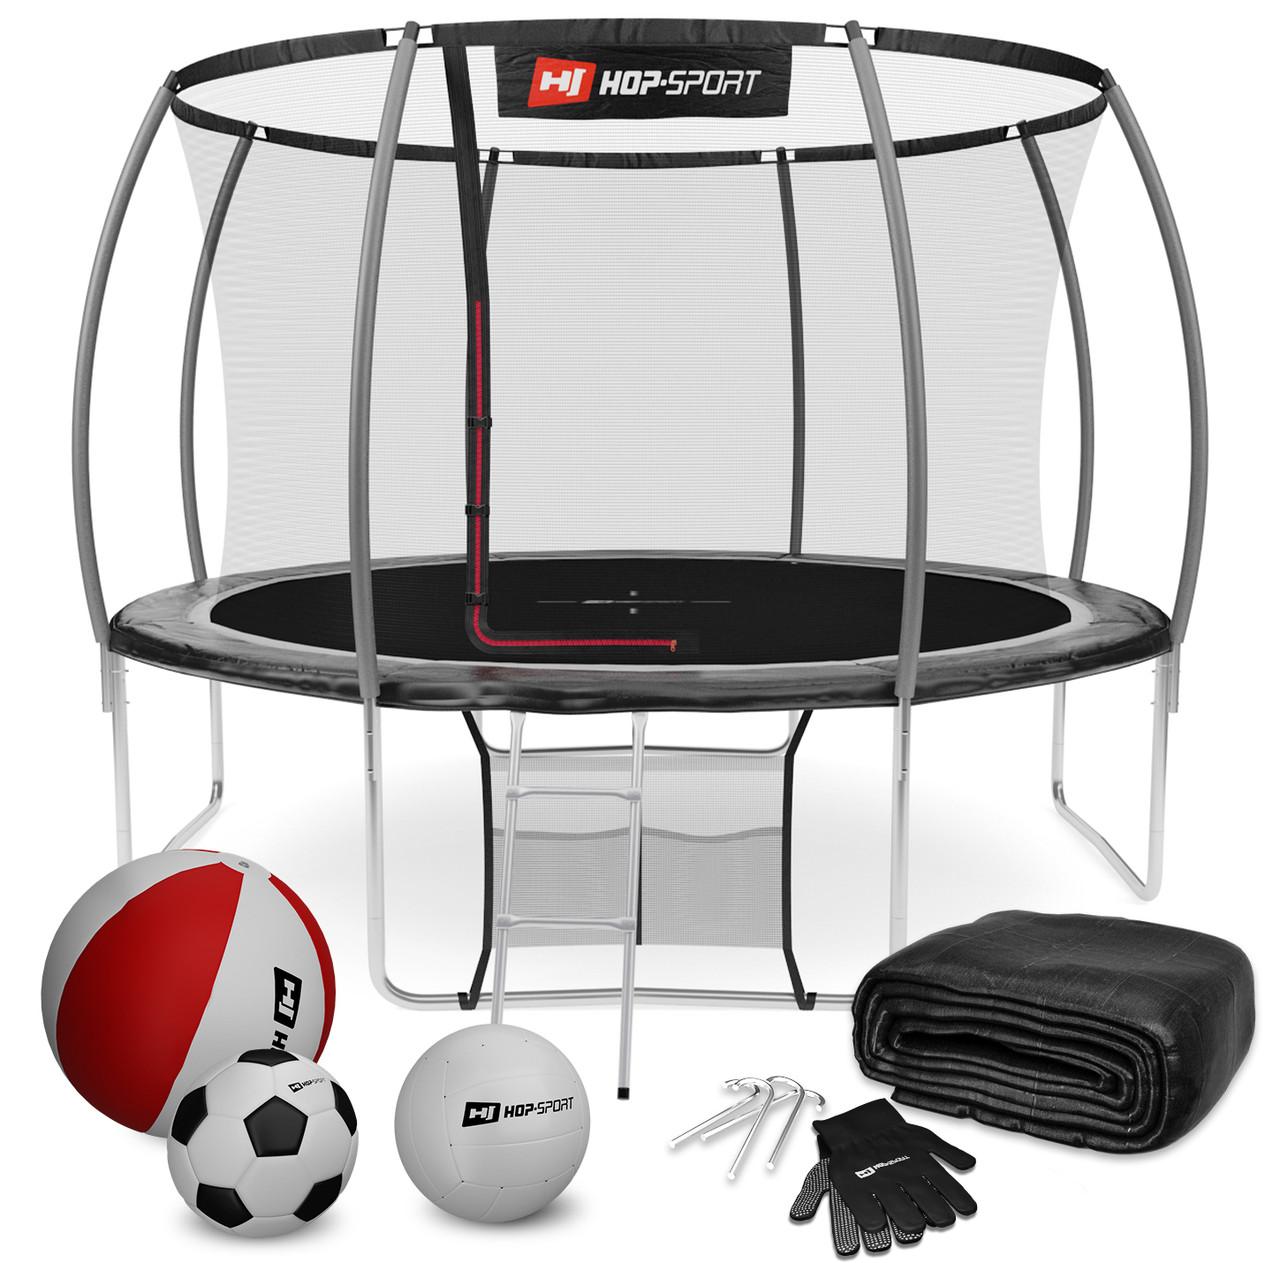 Батут для прыжков с внутренней сеткой 366 см черный с серым Hop-Sport Premium 12ft (366cm) black/grey